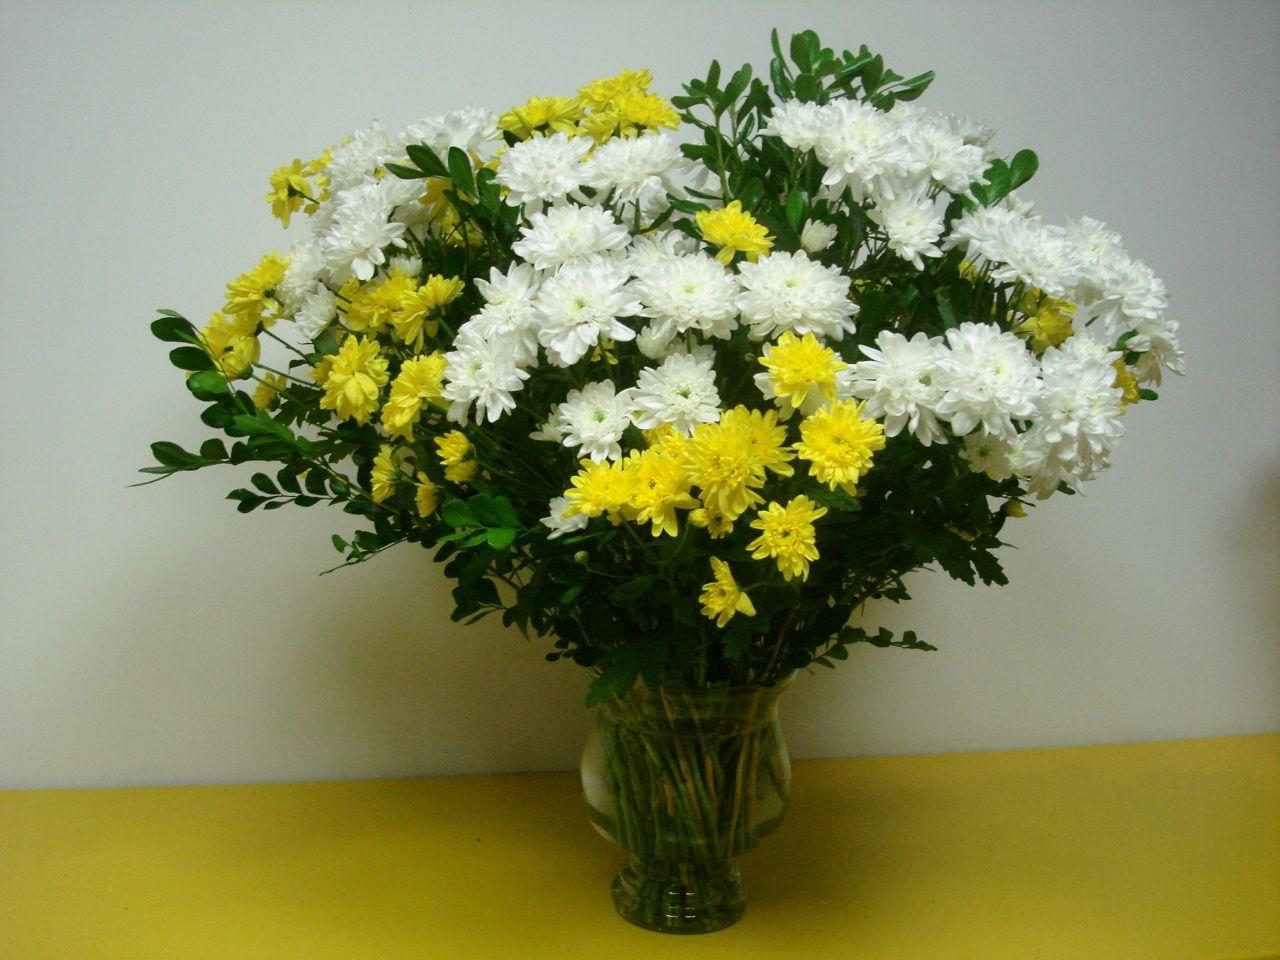 162 Lindo Arranjo Com Crisantemos Brancos Amarelos E Folhagens